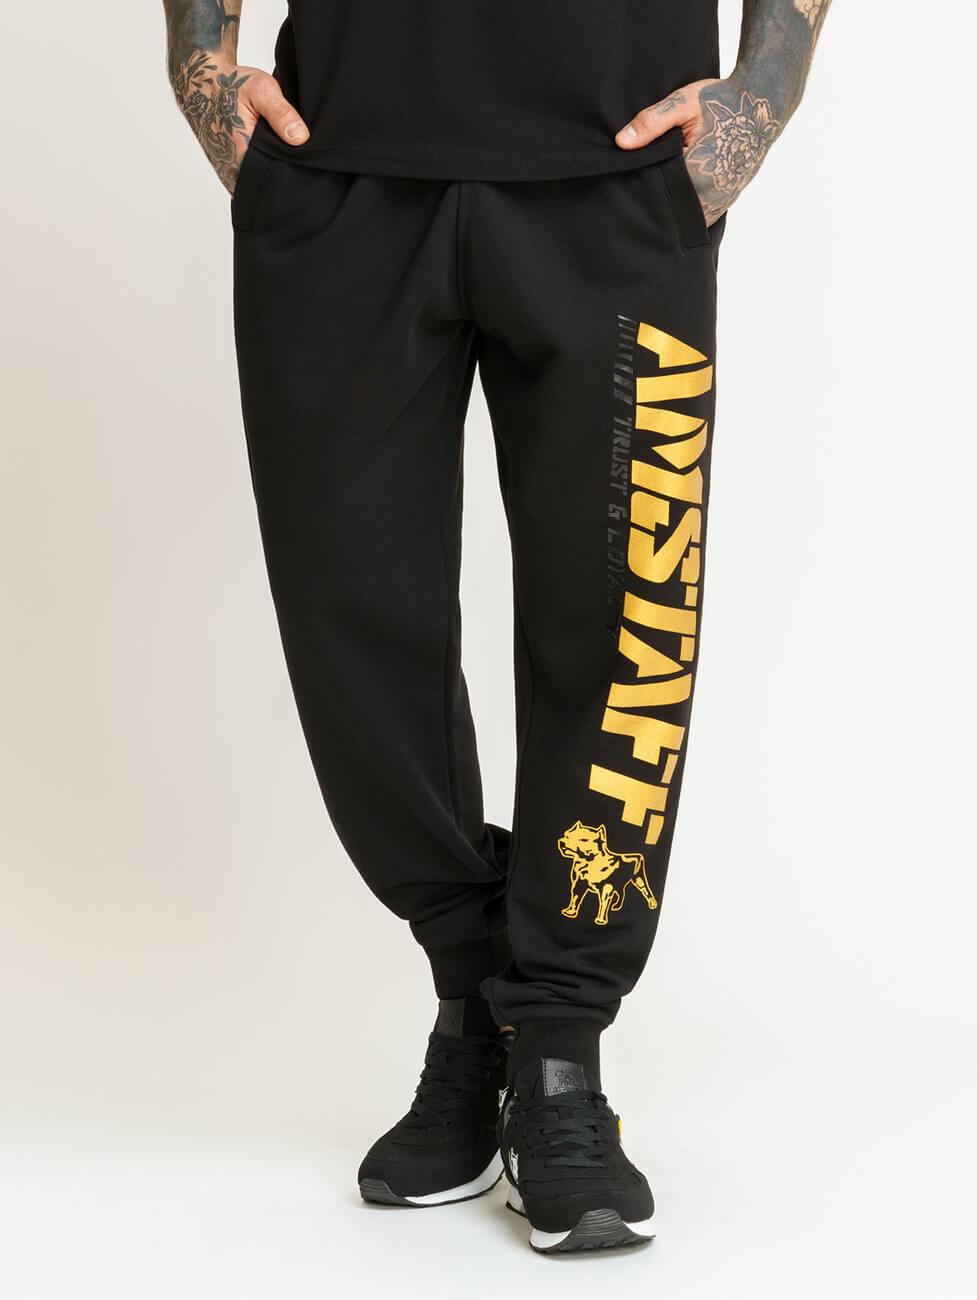 Утепленный спортивный костюм для мужчин и мальчиков подростков черного цвета с золотистым рисунком Амстафф Bartok gold